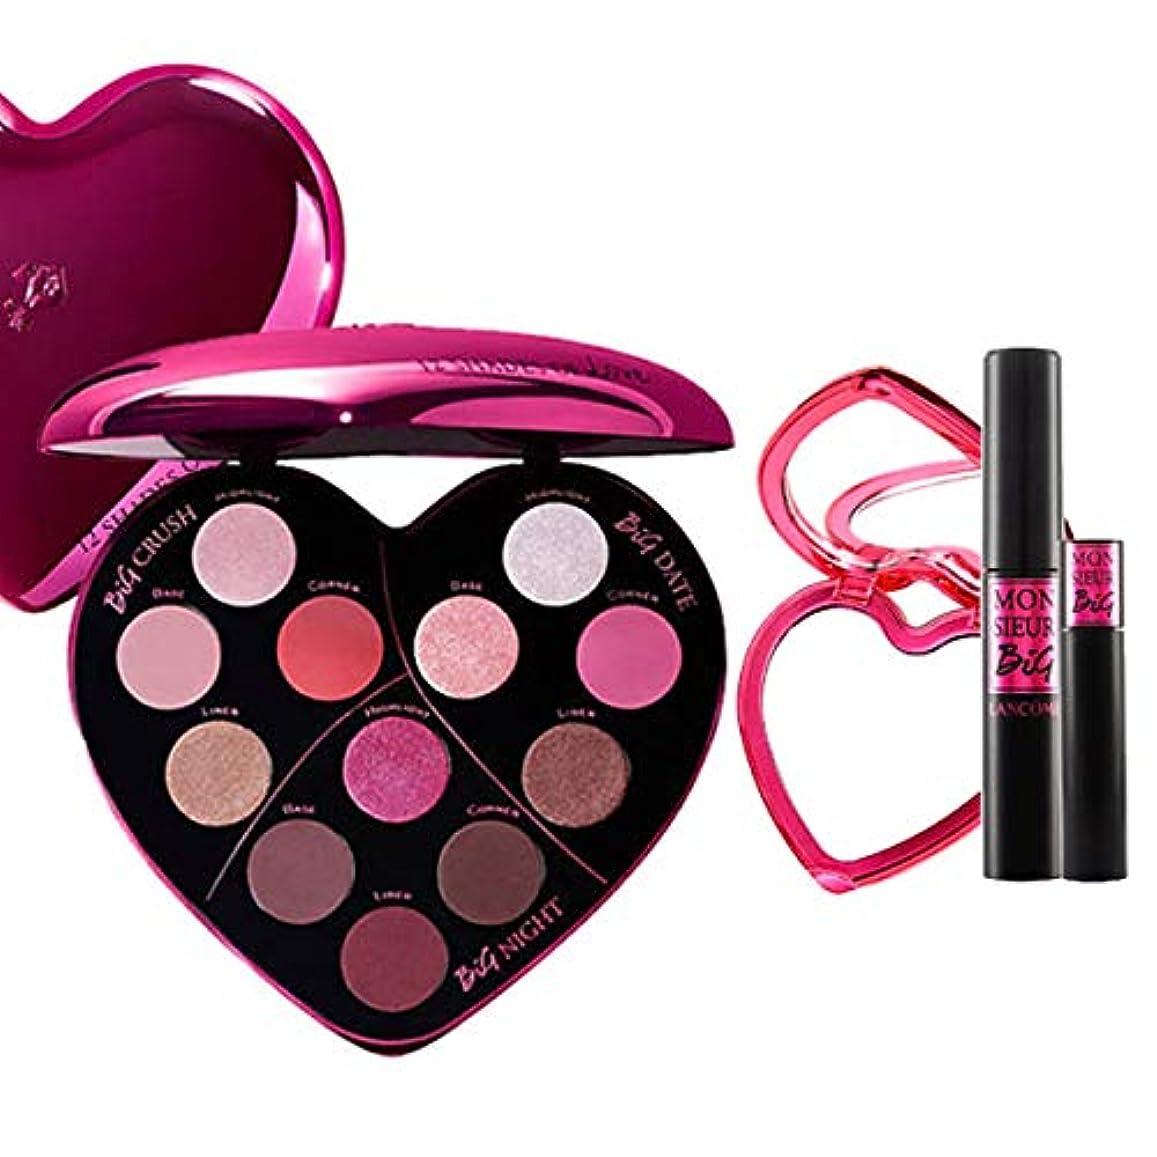 満員遊びますすなわちランコム(LANCOME), 限定版 limited-edition Monsieur Big Heart-Shaped Eyeshadow Palette + Monsieur Big Birthday Mascara...